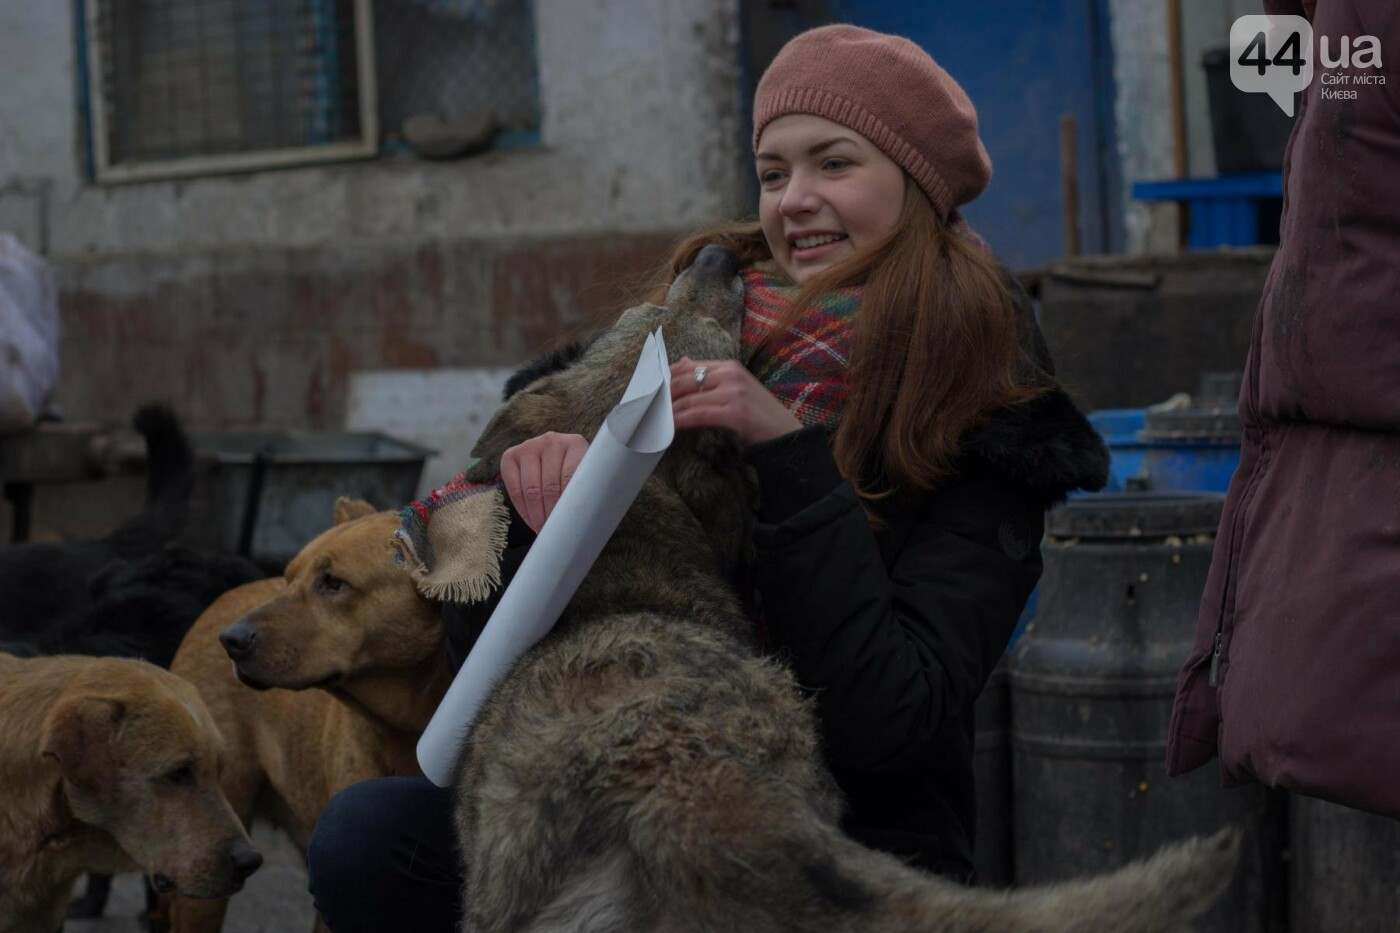 В приюте для животных неизвестные расстреливают и калечат собак, фото-22